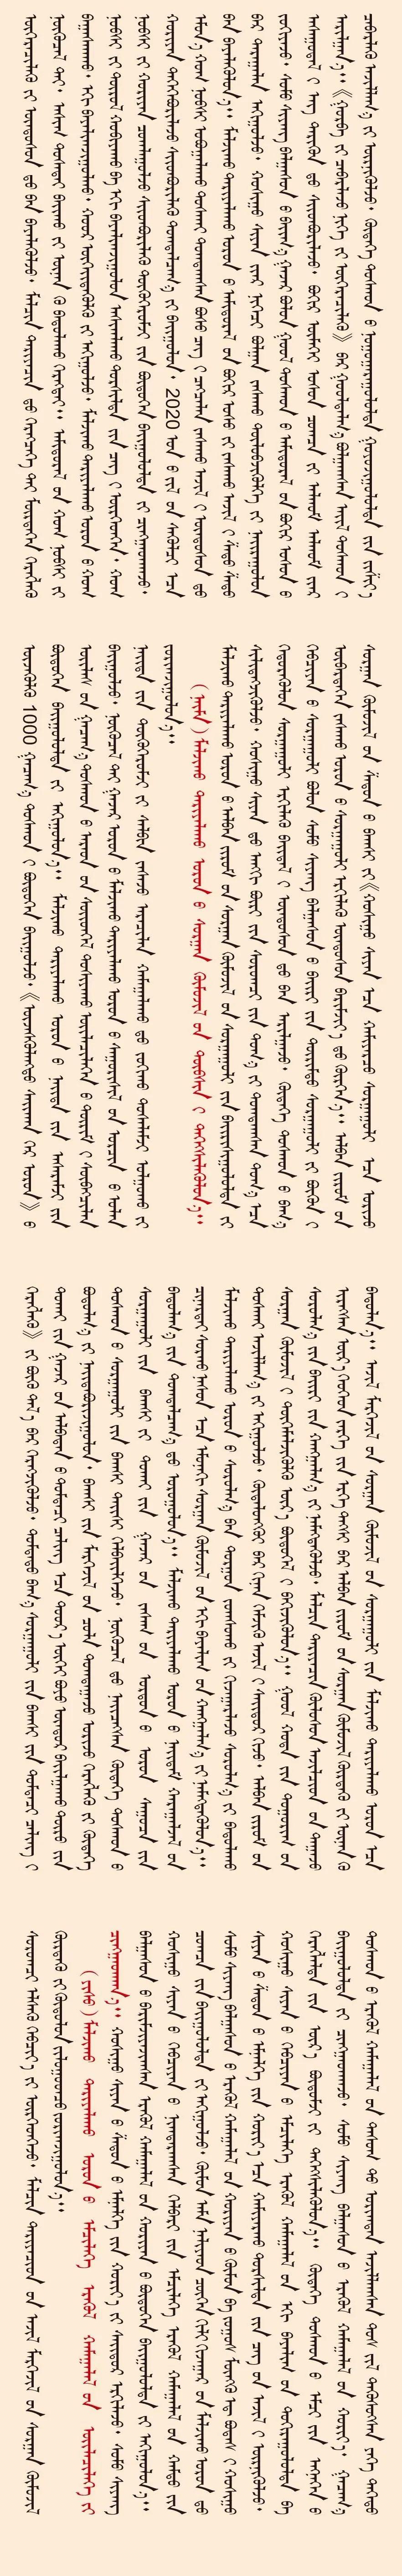 【重磅】蒙古文版《实施意见》(全文)来了 第4张